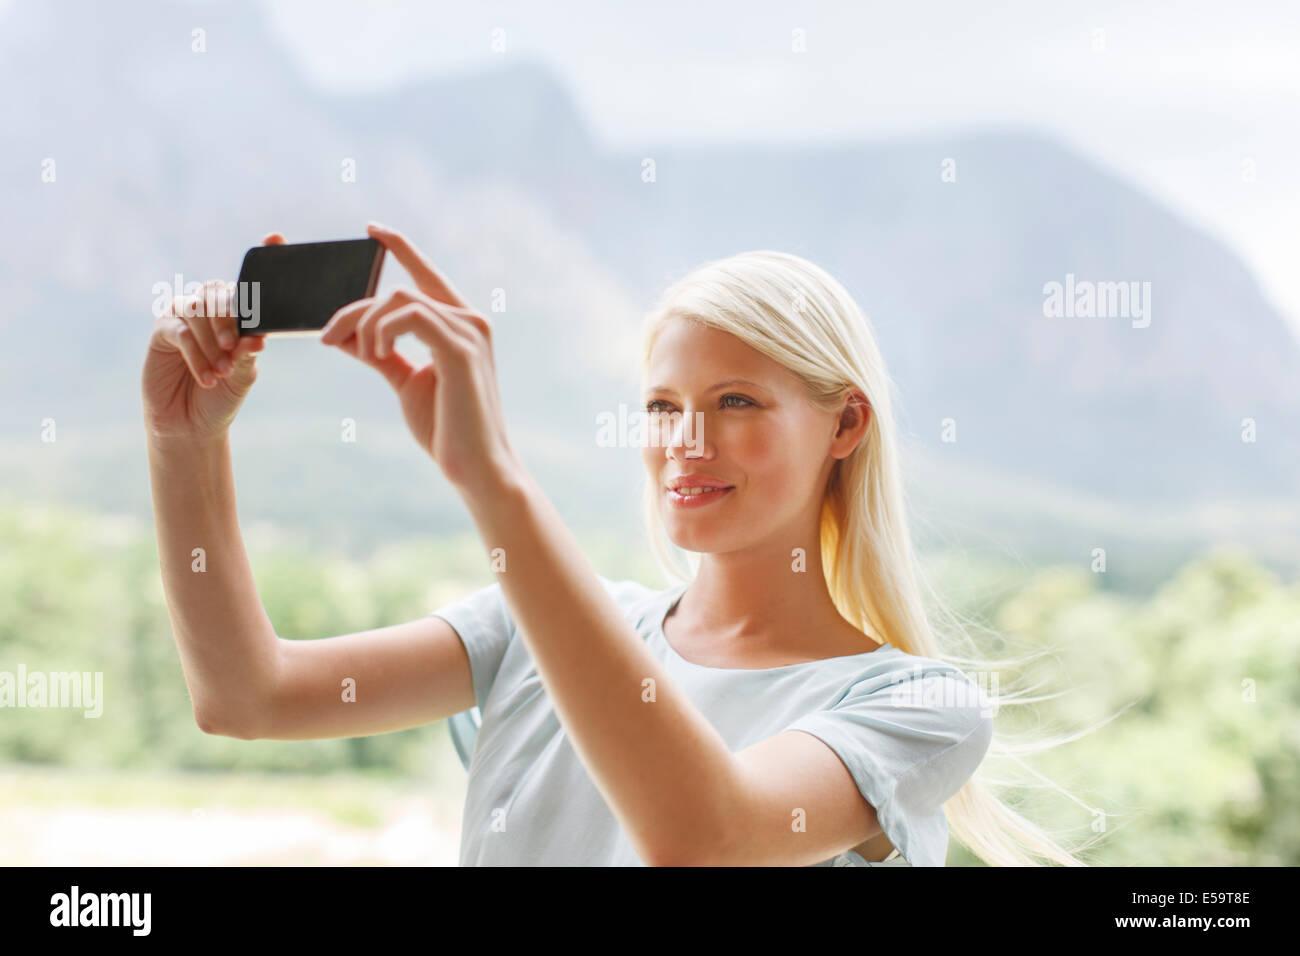 Frau im ländlichen Landschaft zu fotografieren Stockbild